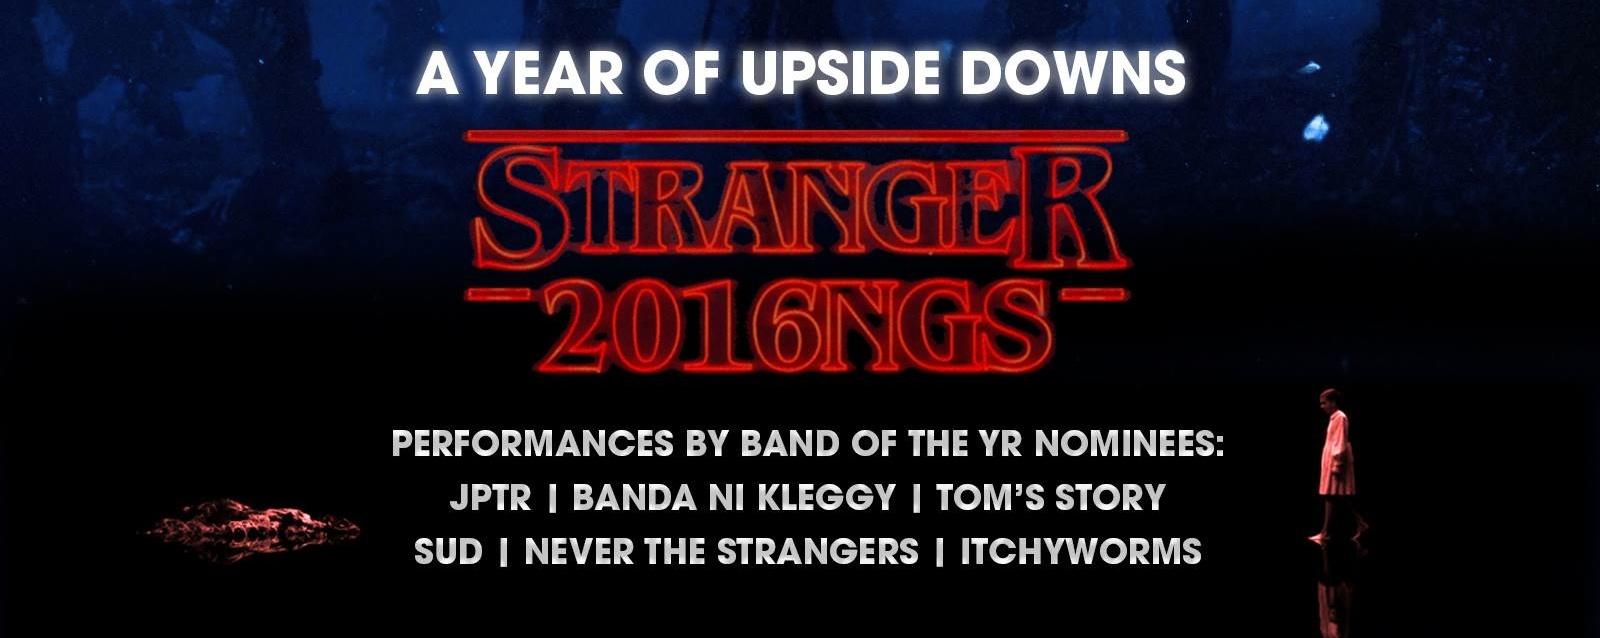 Stranger 2016ngs (Apags Awards Night 2016)